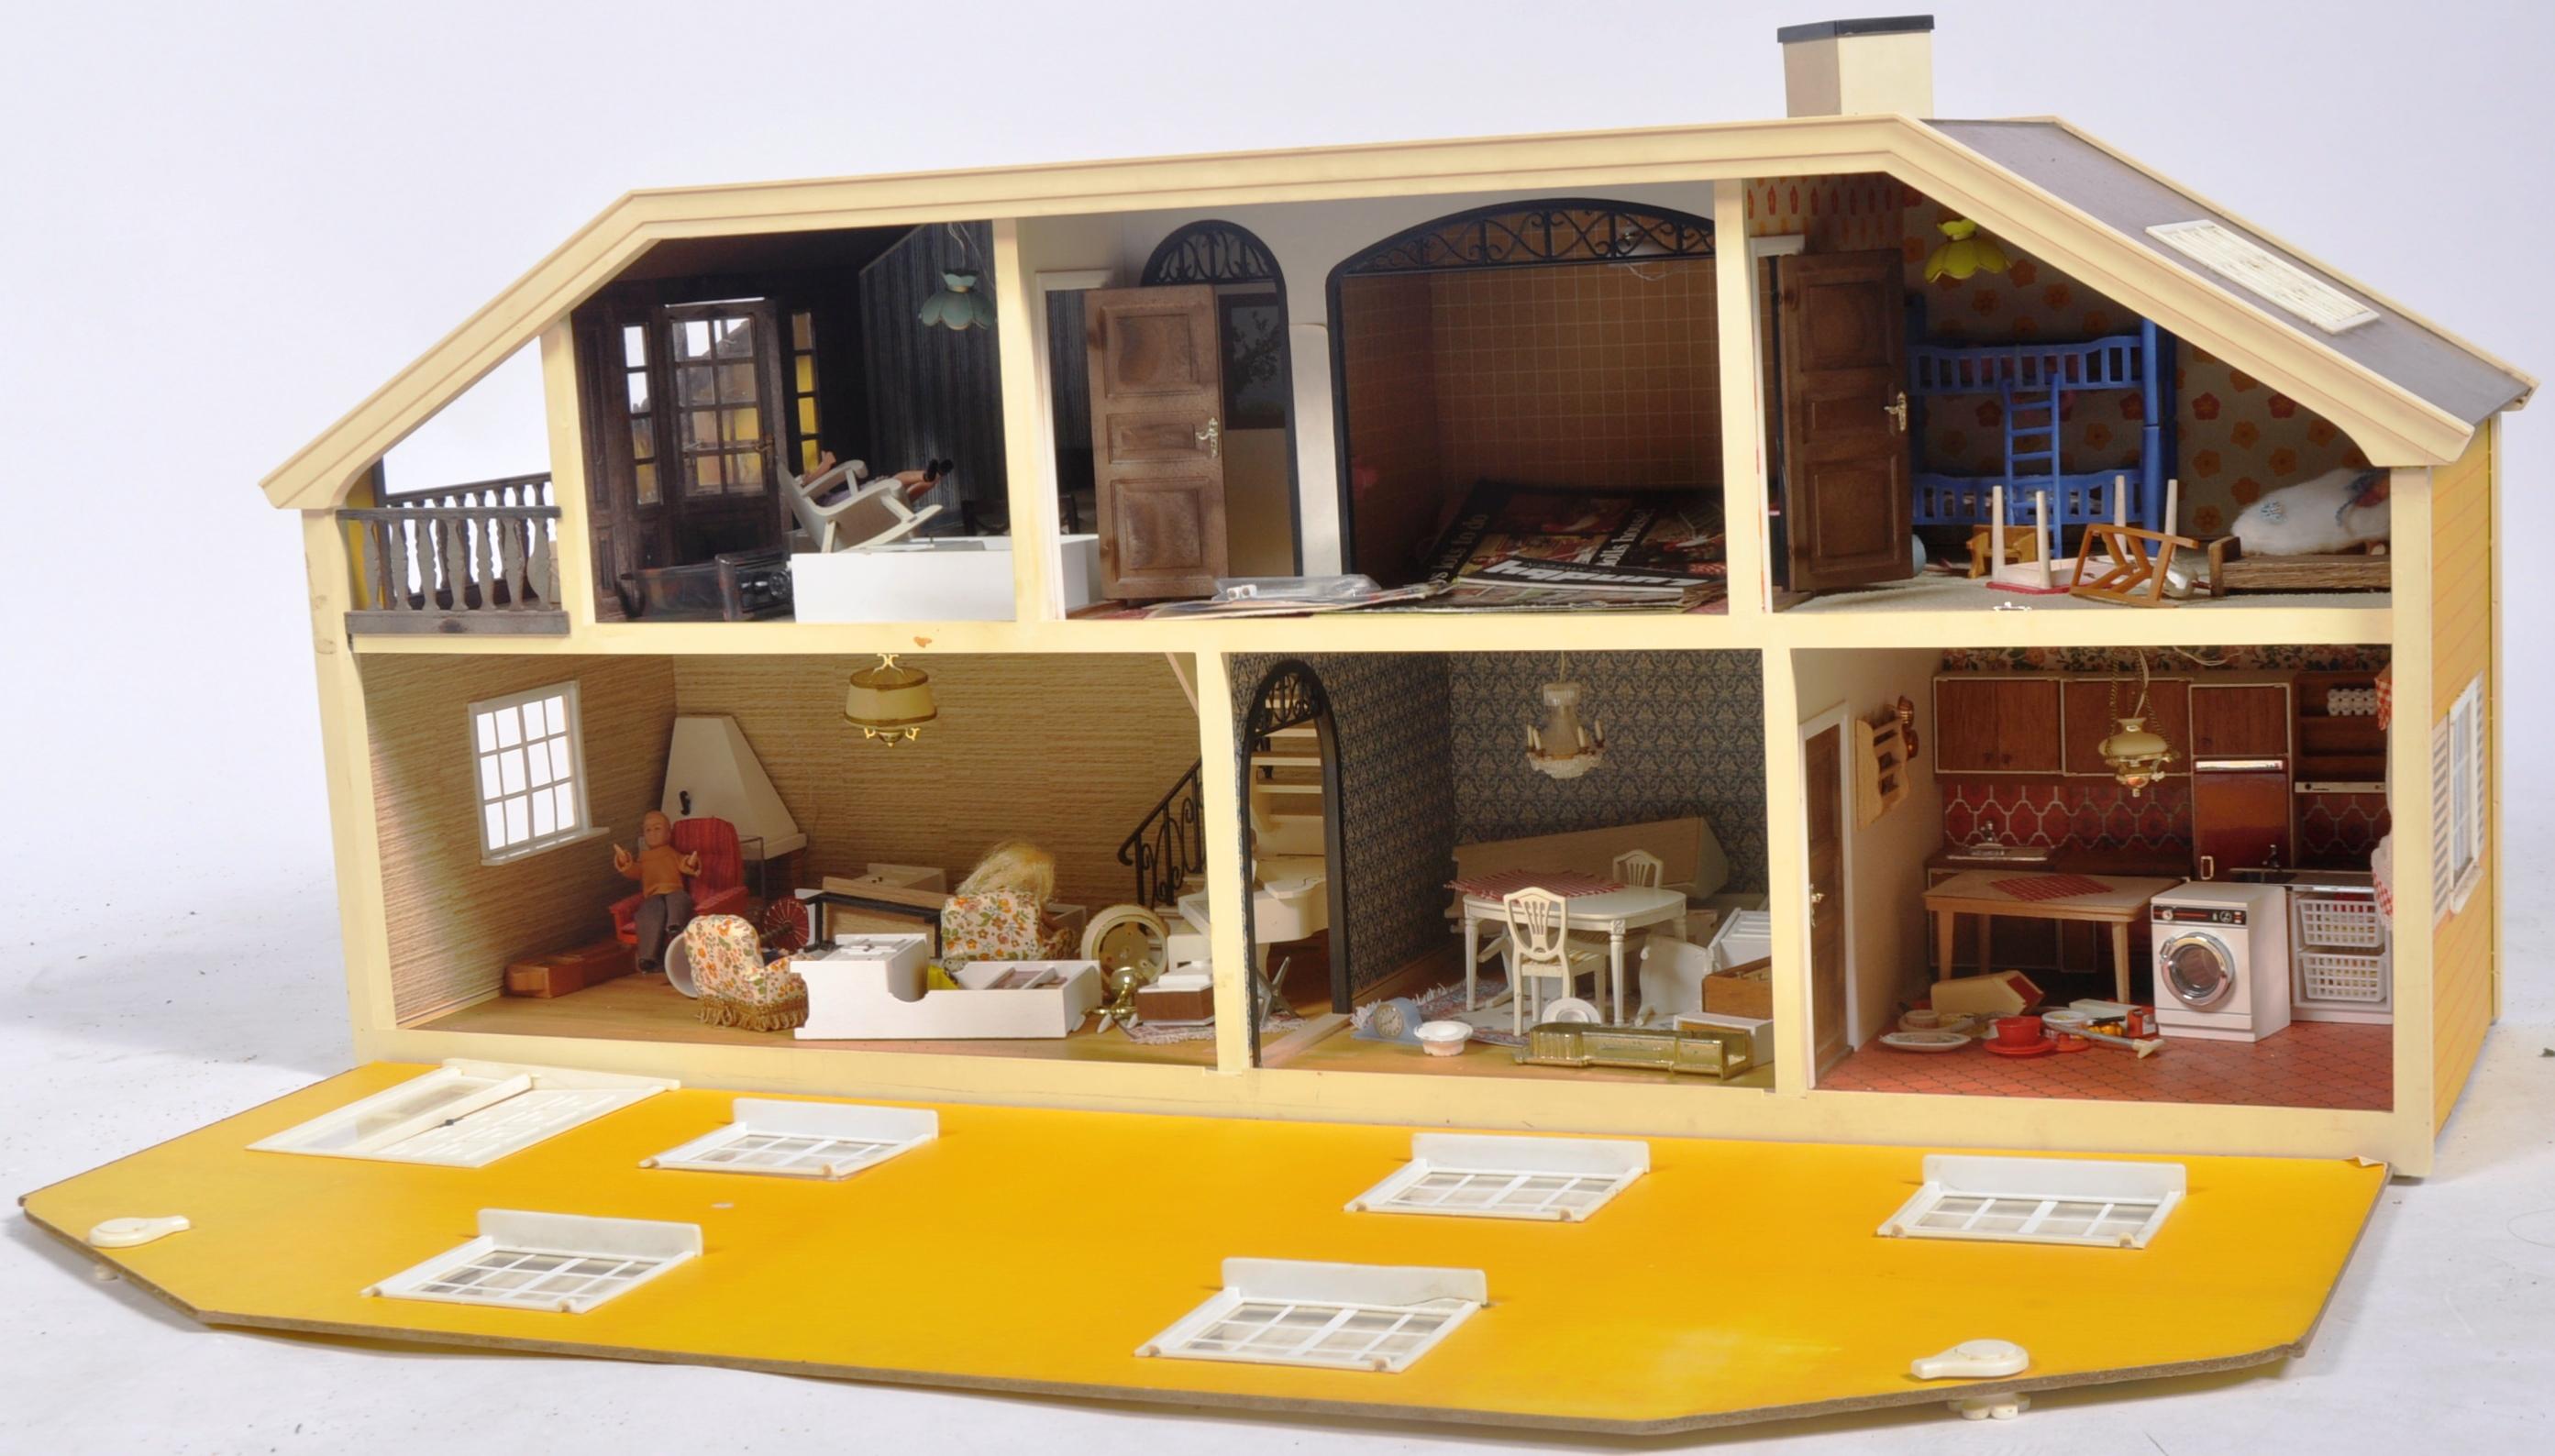 LARGE VINTAGE 1970S LUNDBY OF SWEDEN CHILD'S DOLLS HOUSE - Image 2 of 7